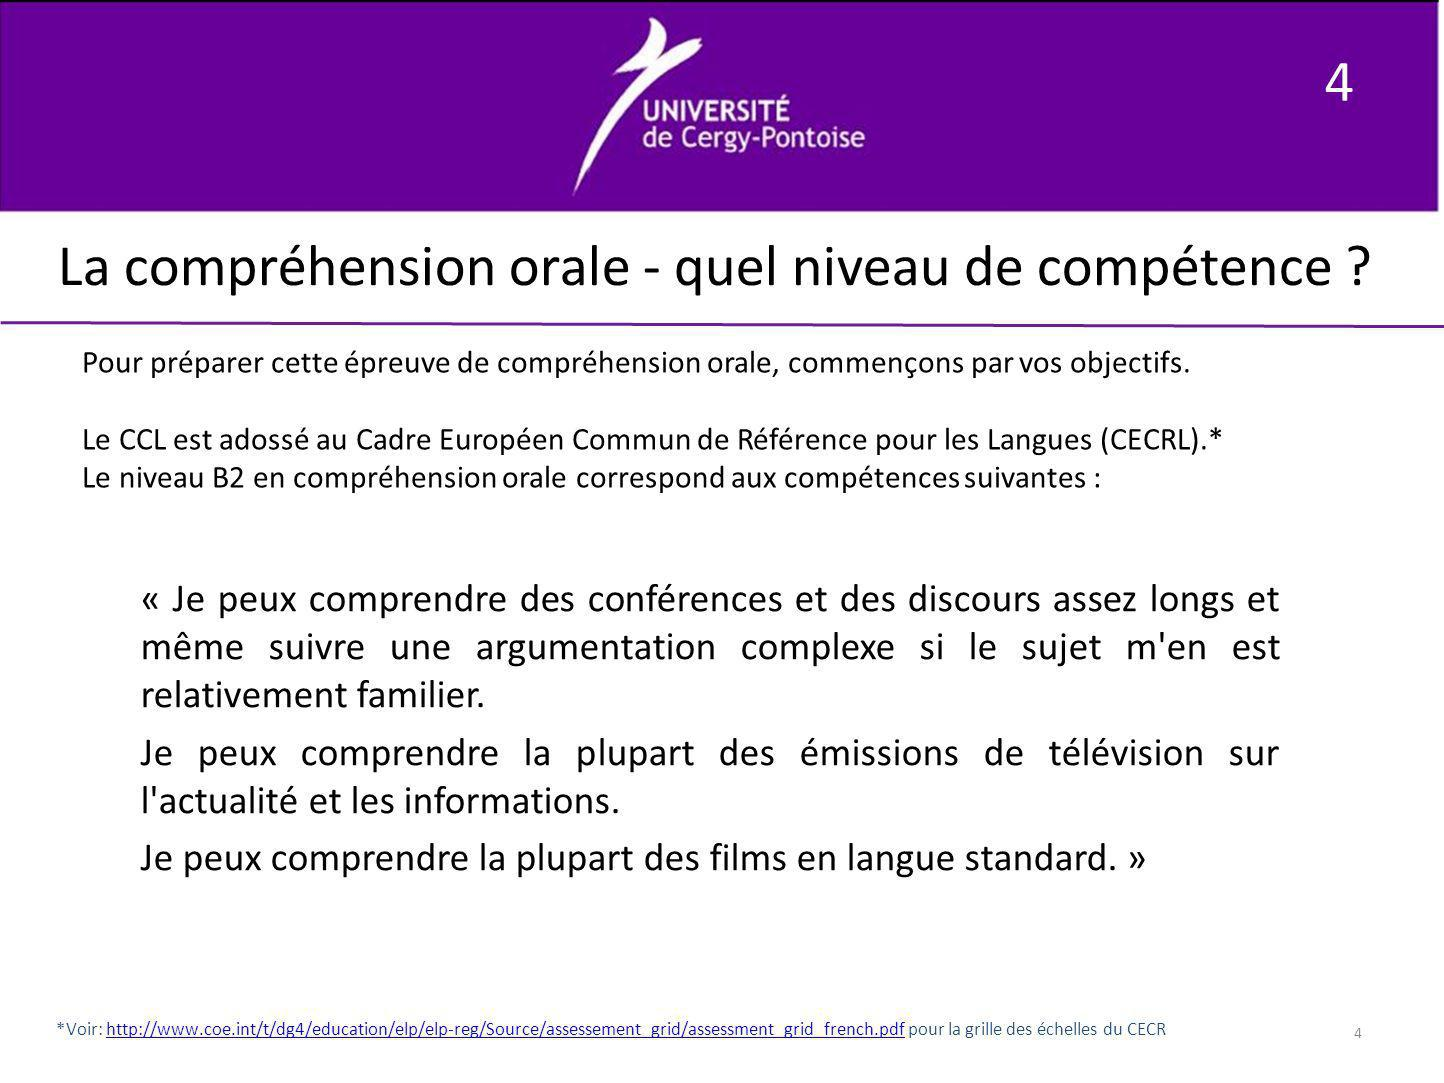 4 4 La compréhension orale - quel niveau de compétence ? Pour préparer cette épreuve de compréhension orale, commençons par vos objectifs. Le CCL est